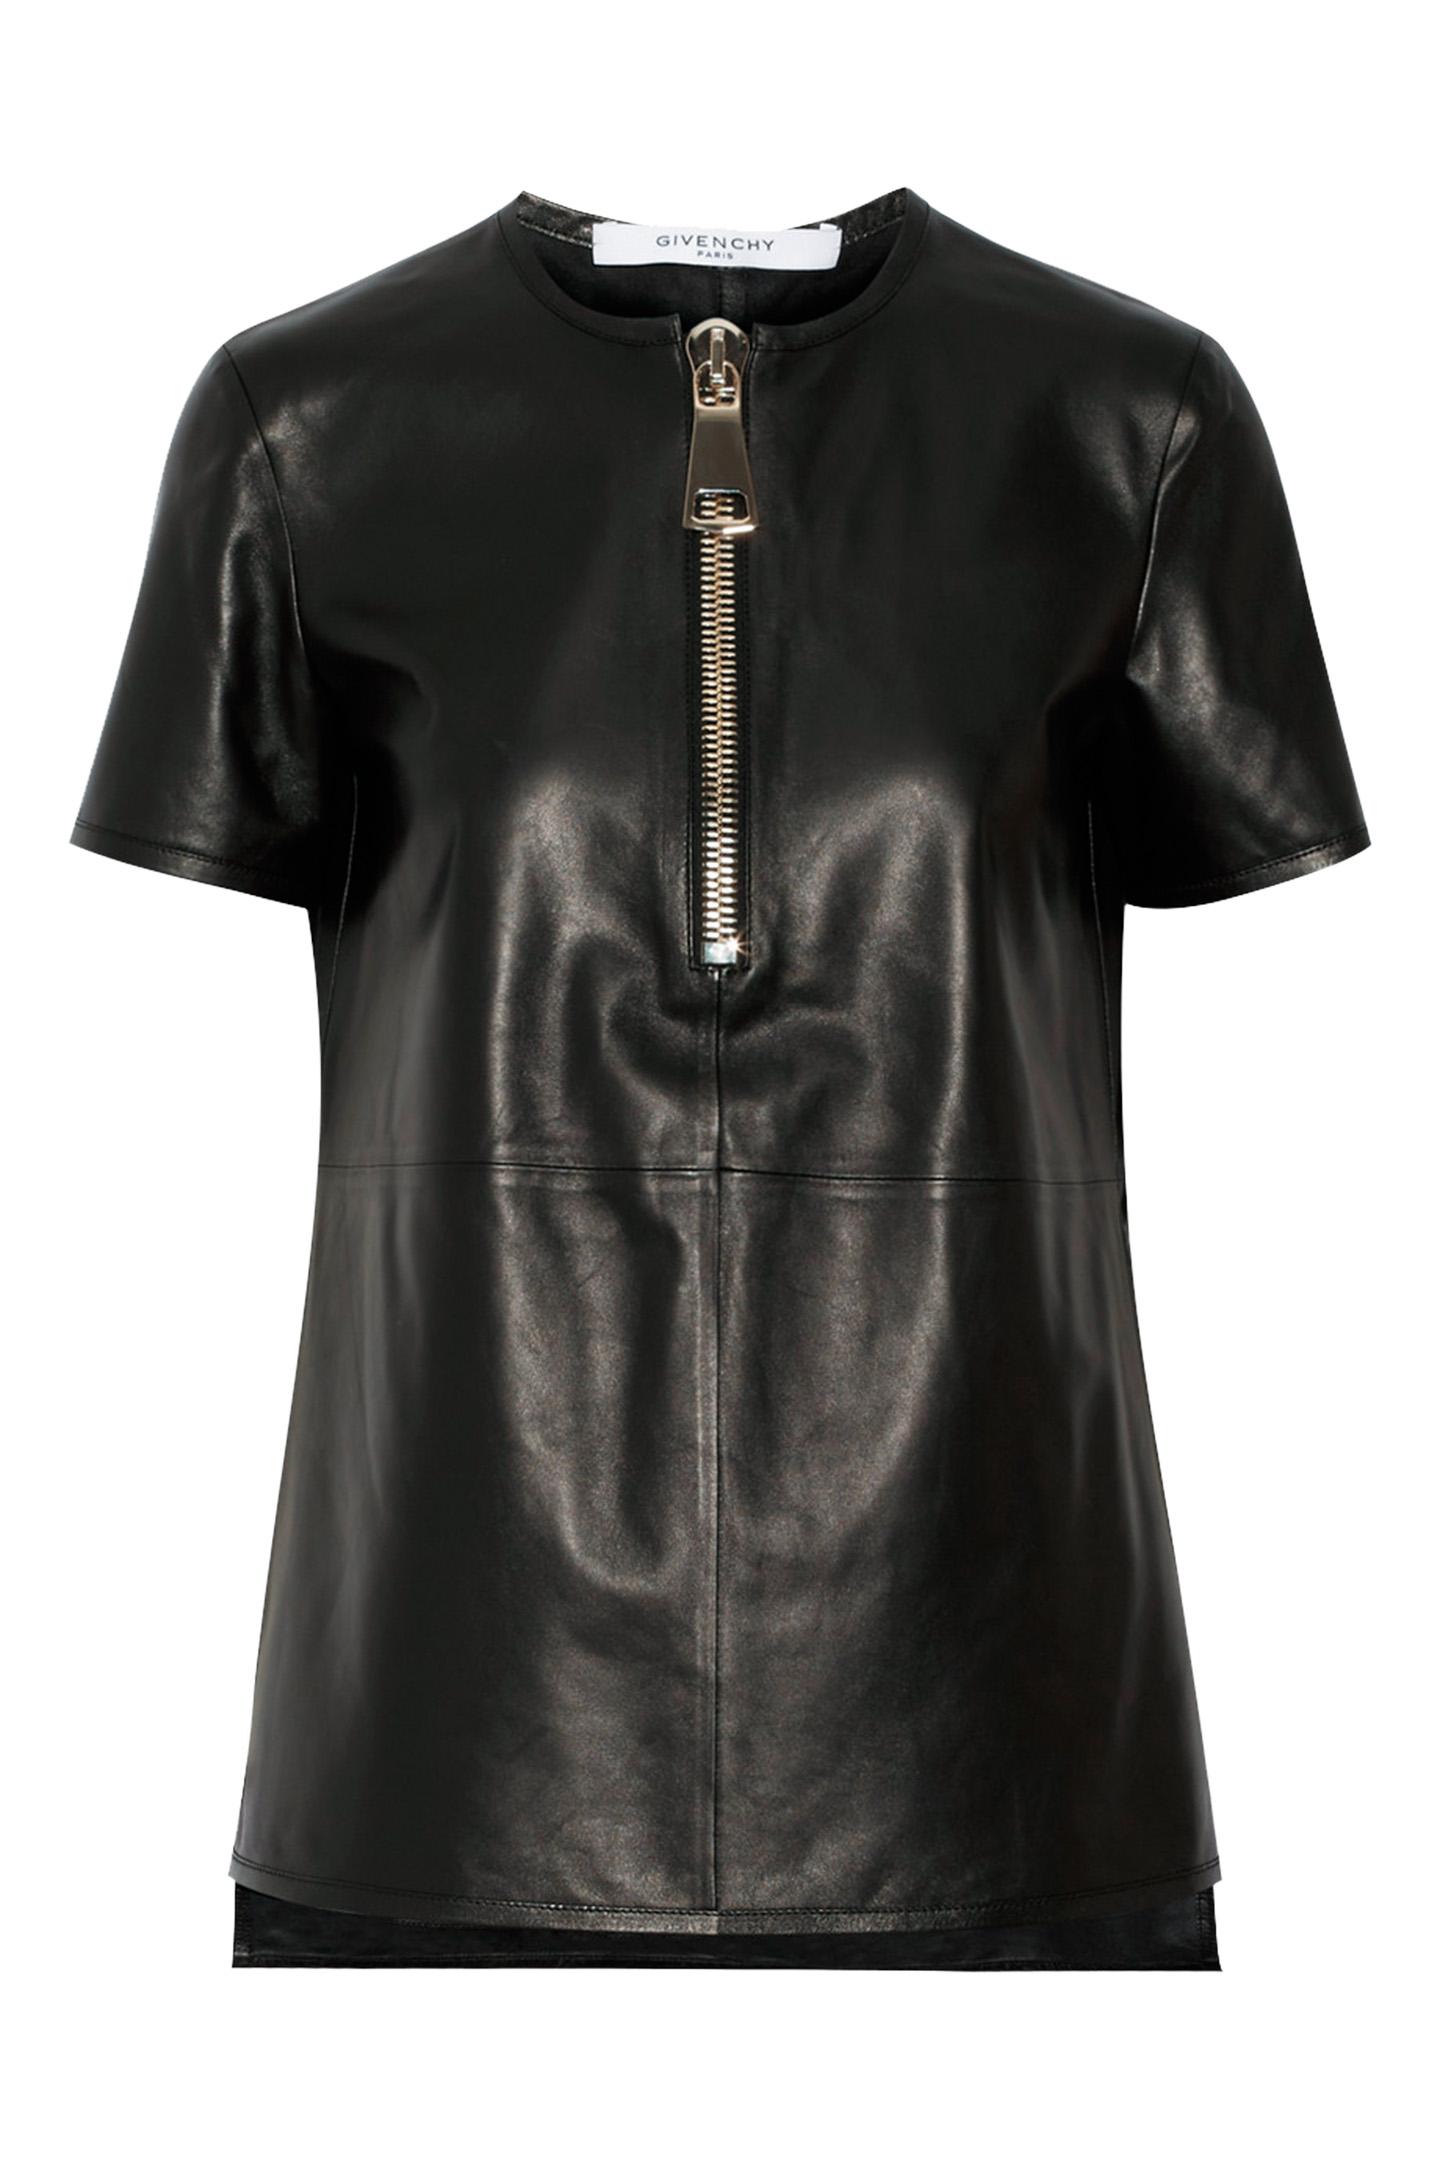 볼드한 지퍼 장식의 레더 블라우스는 가격 미정으로 Givenchy